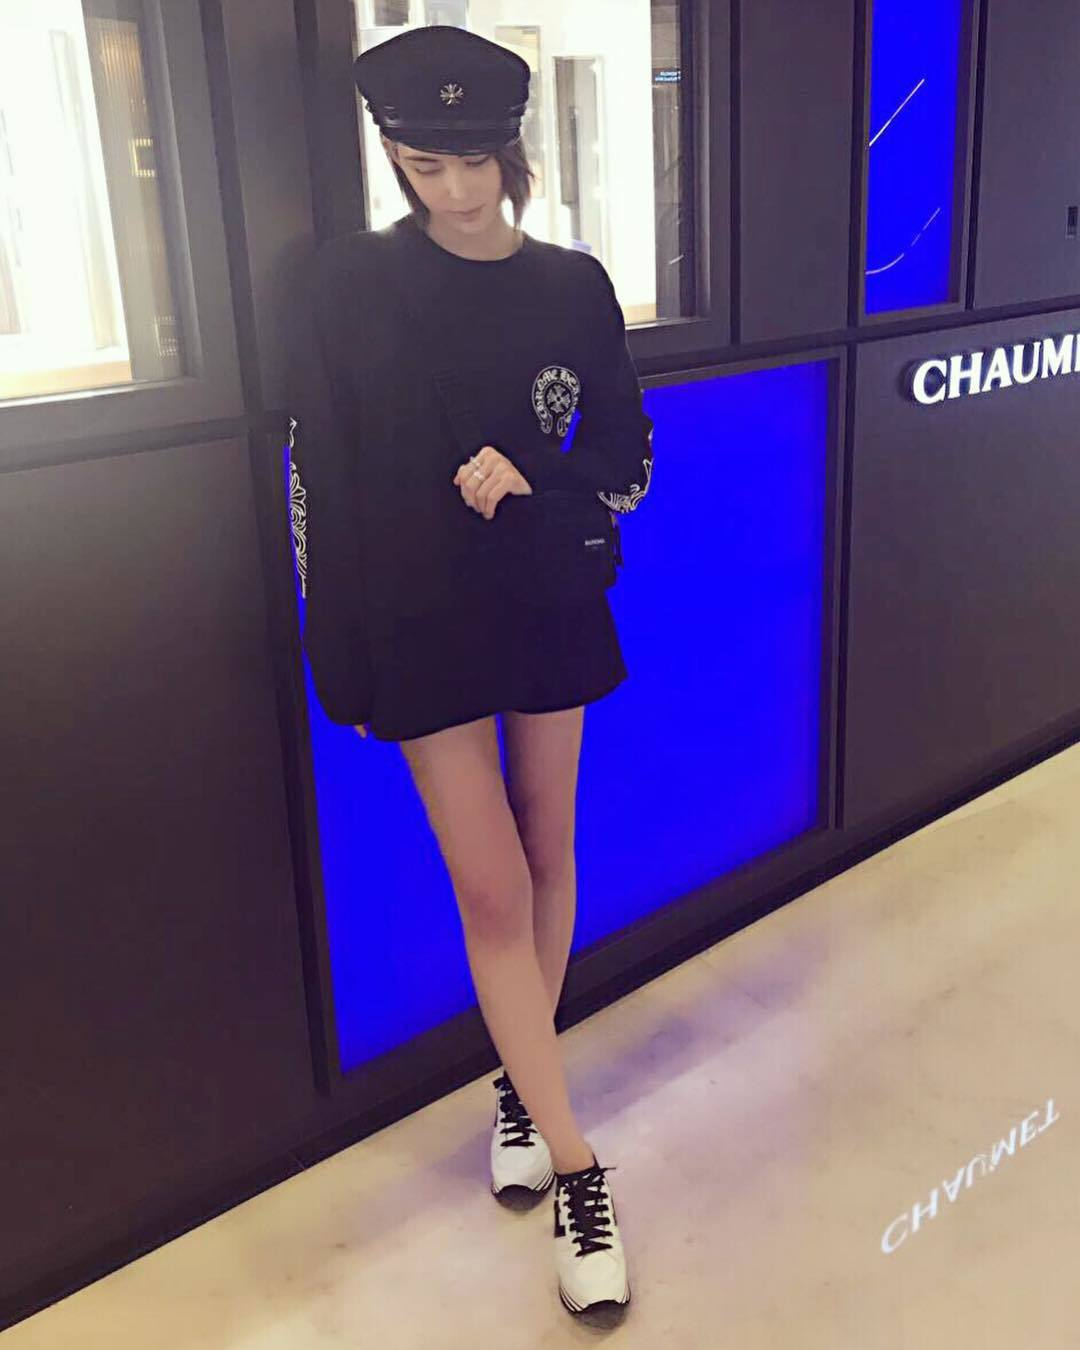 昆凌穿上MAXI H222黑白撞色繫帶休閒鞋的造型,帥氣可愛。圖/摘自昆凌IG